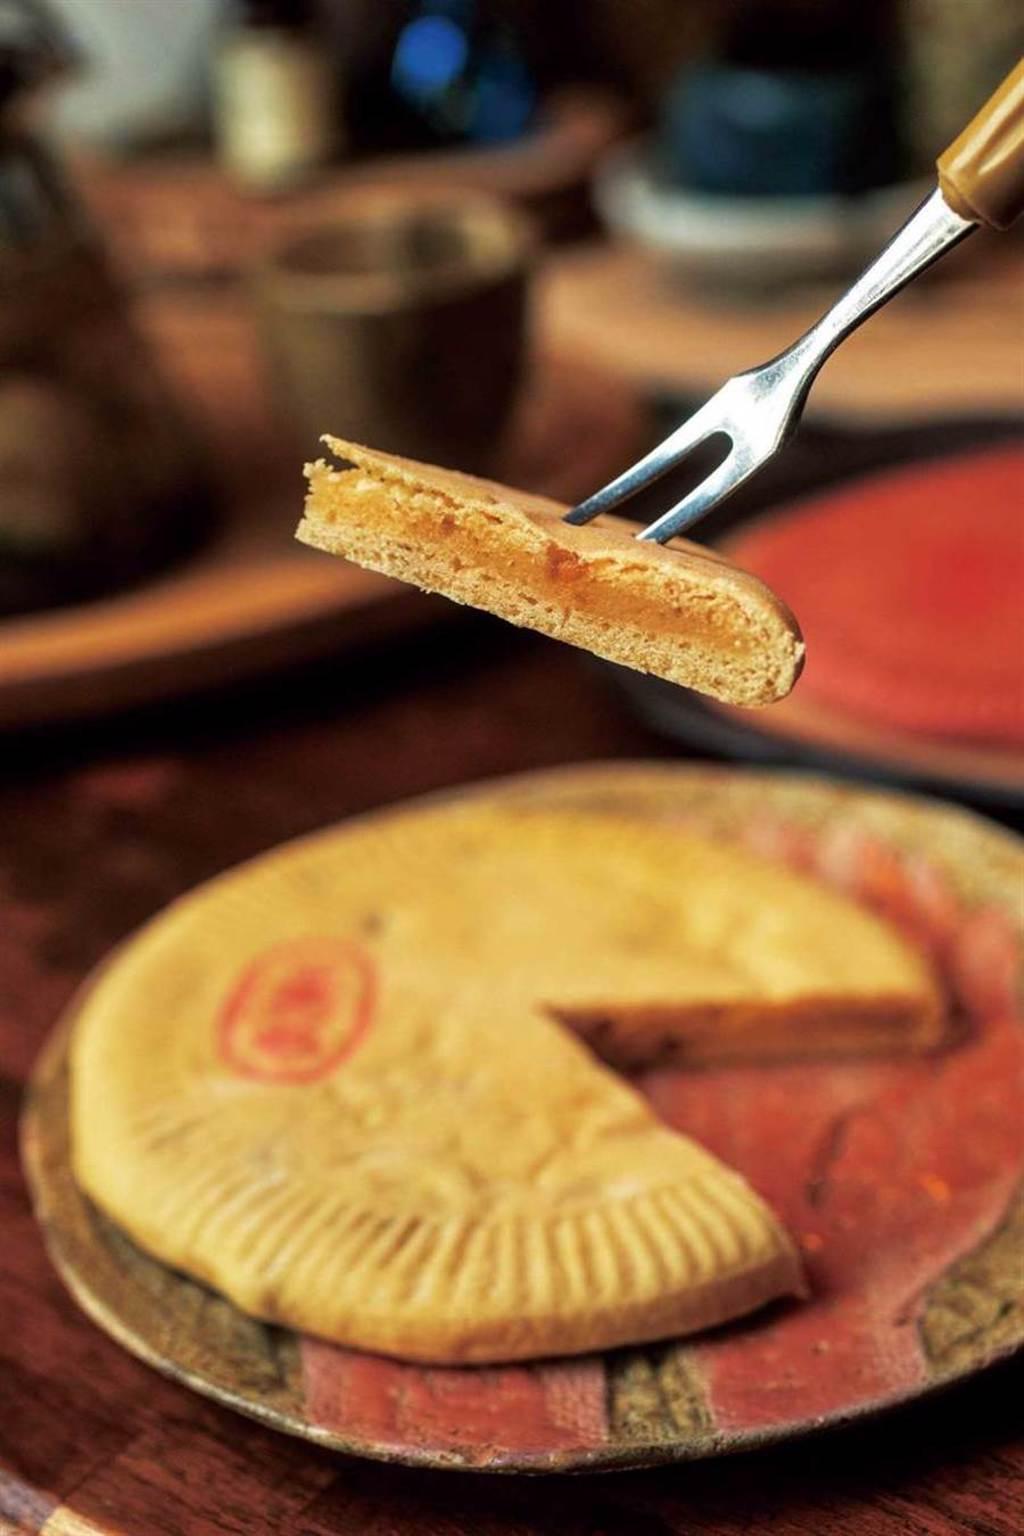 「水果餅」來自台南市永康區的「王西勢食品行」,使用新鮮水果熬煮內餡。(鳳梨金桔口味50元)(圖/宋岱融攝)